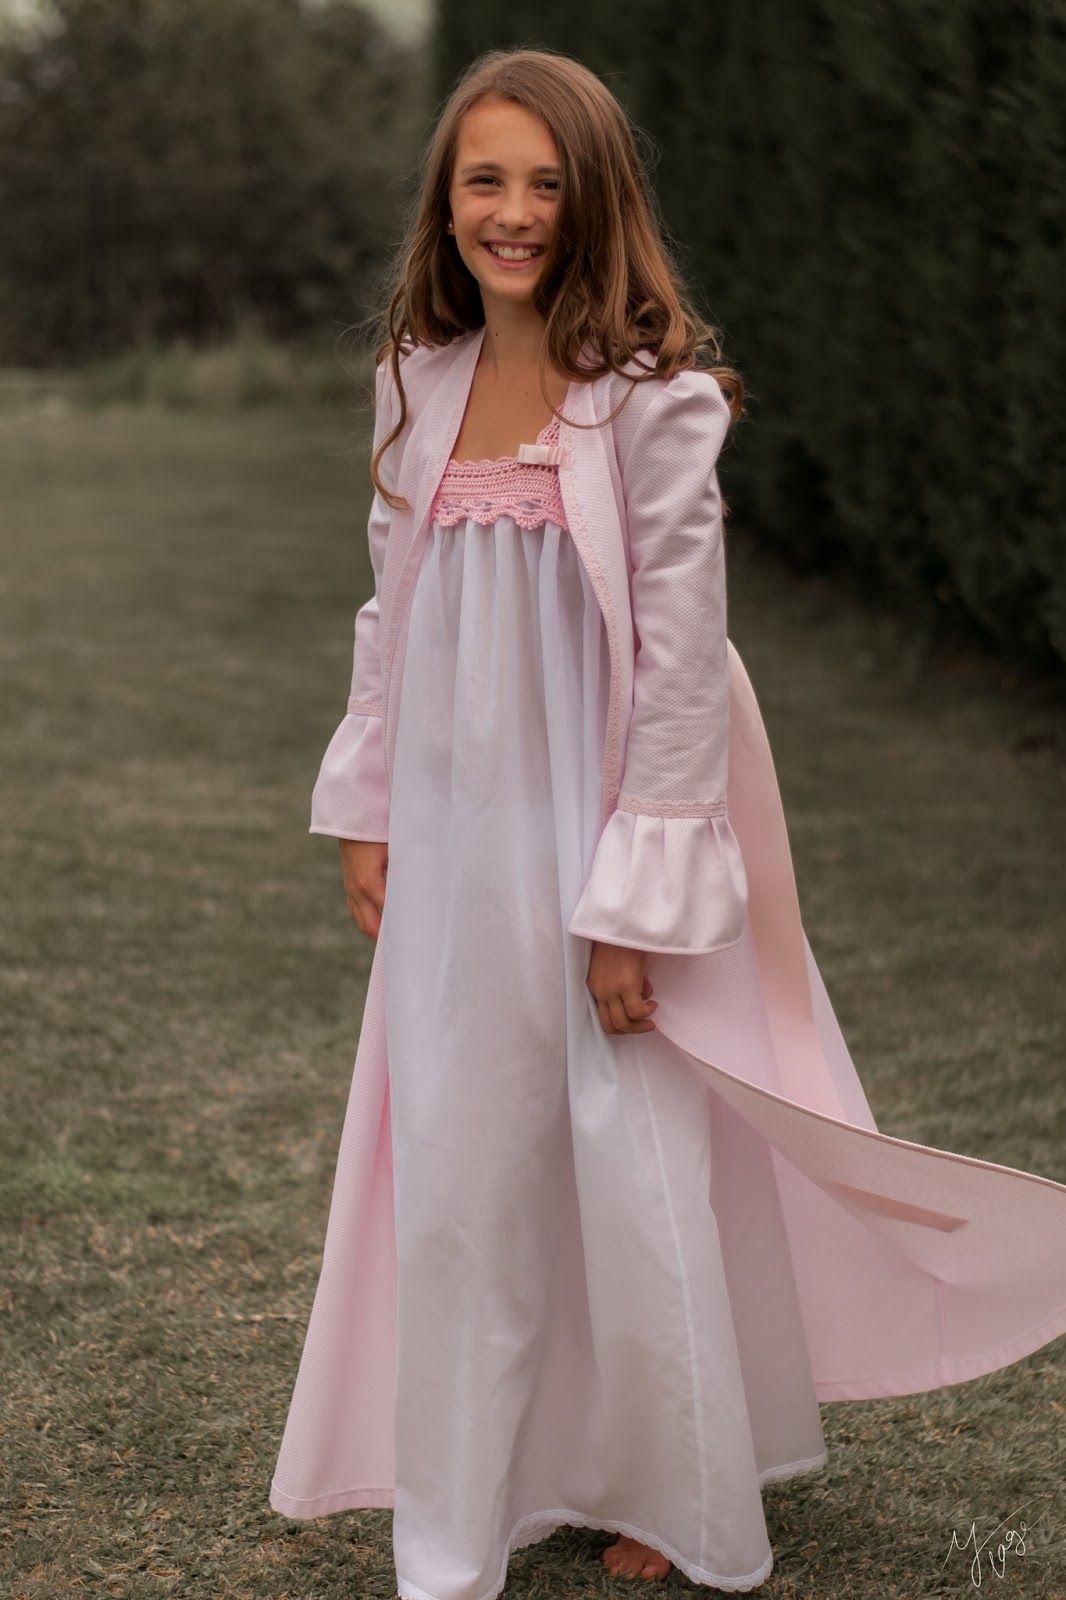 d3f058862 Batas y Camisones hechos a mano para niñas. Moda infantil hecha en España.  Vestidos de confección artesanal.